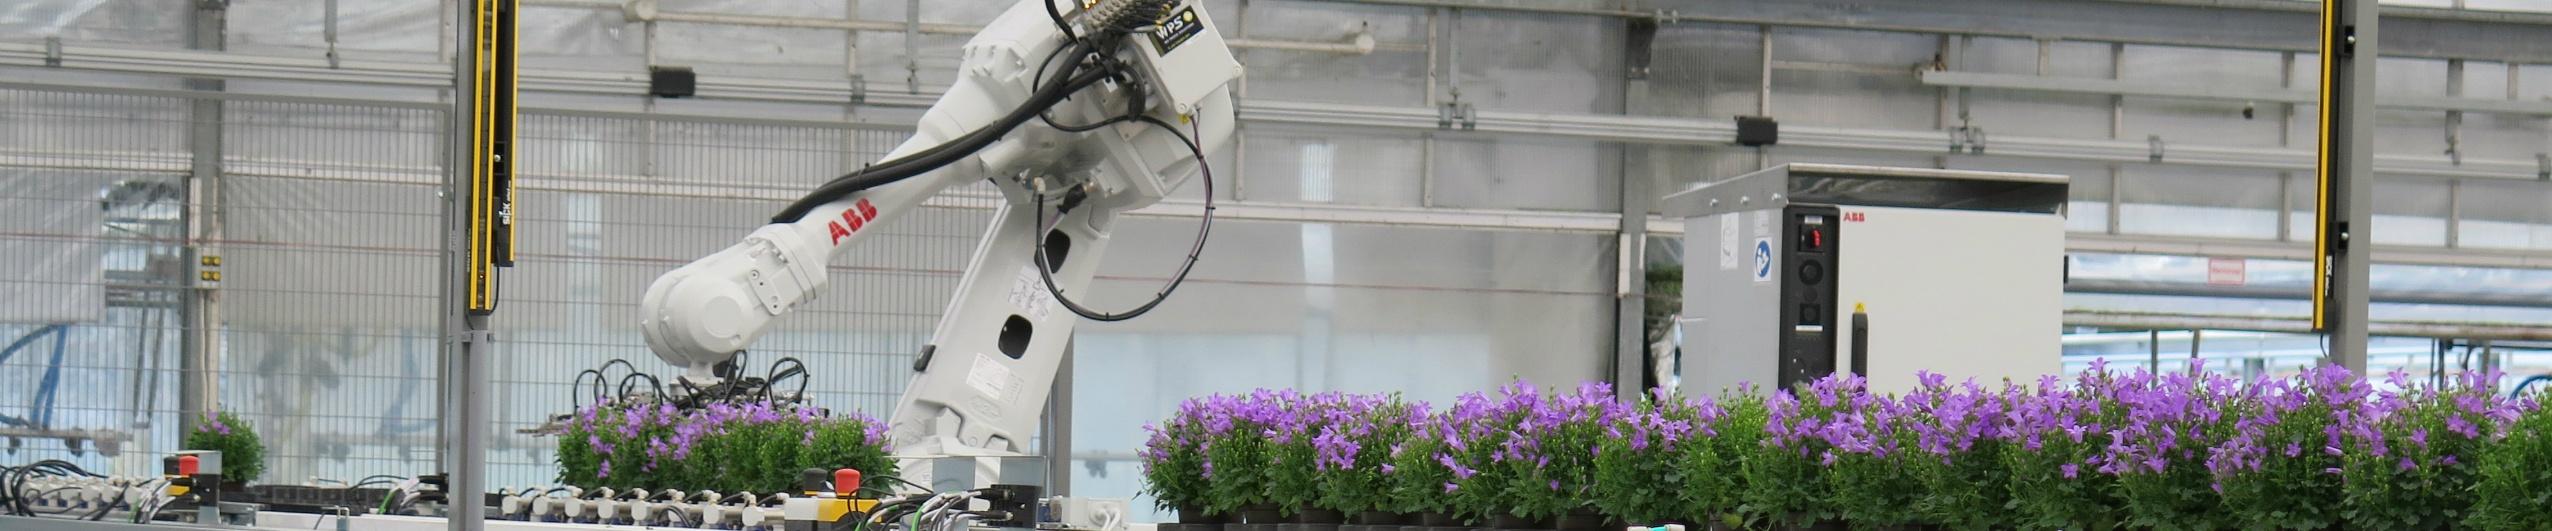 Innovationen Robotik & Daten im Gewächshausgartenbau auf der Karte